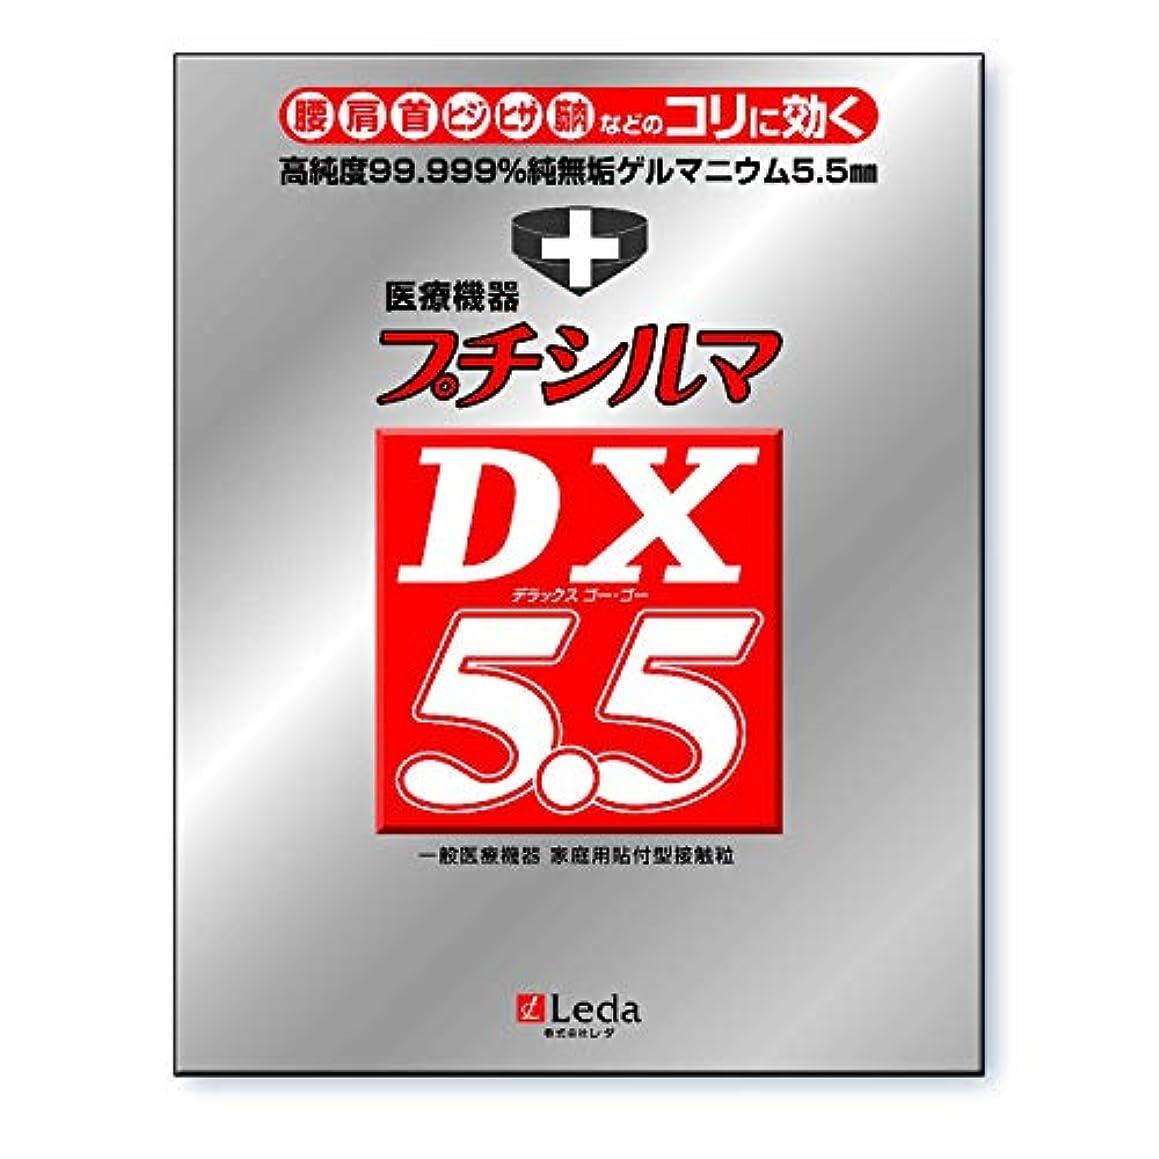 専門知識警察署ライバルプチシルマDX 5.5 お徳用替えプラスター200枚付き